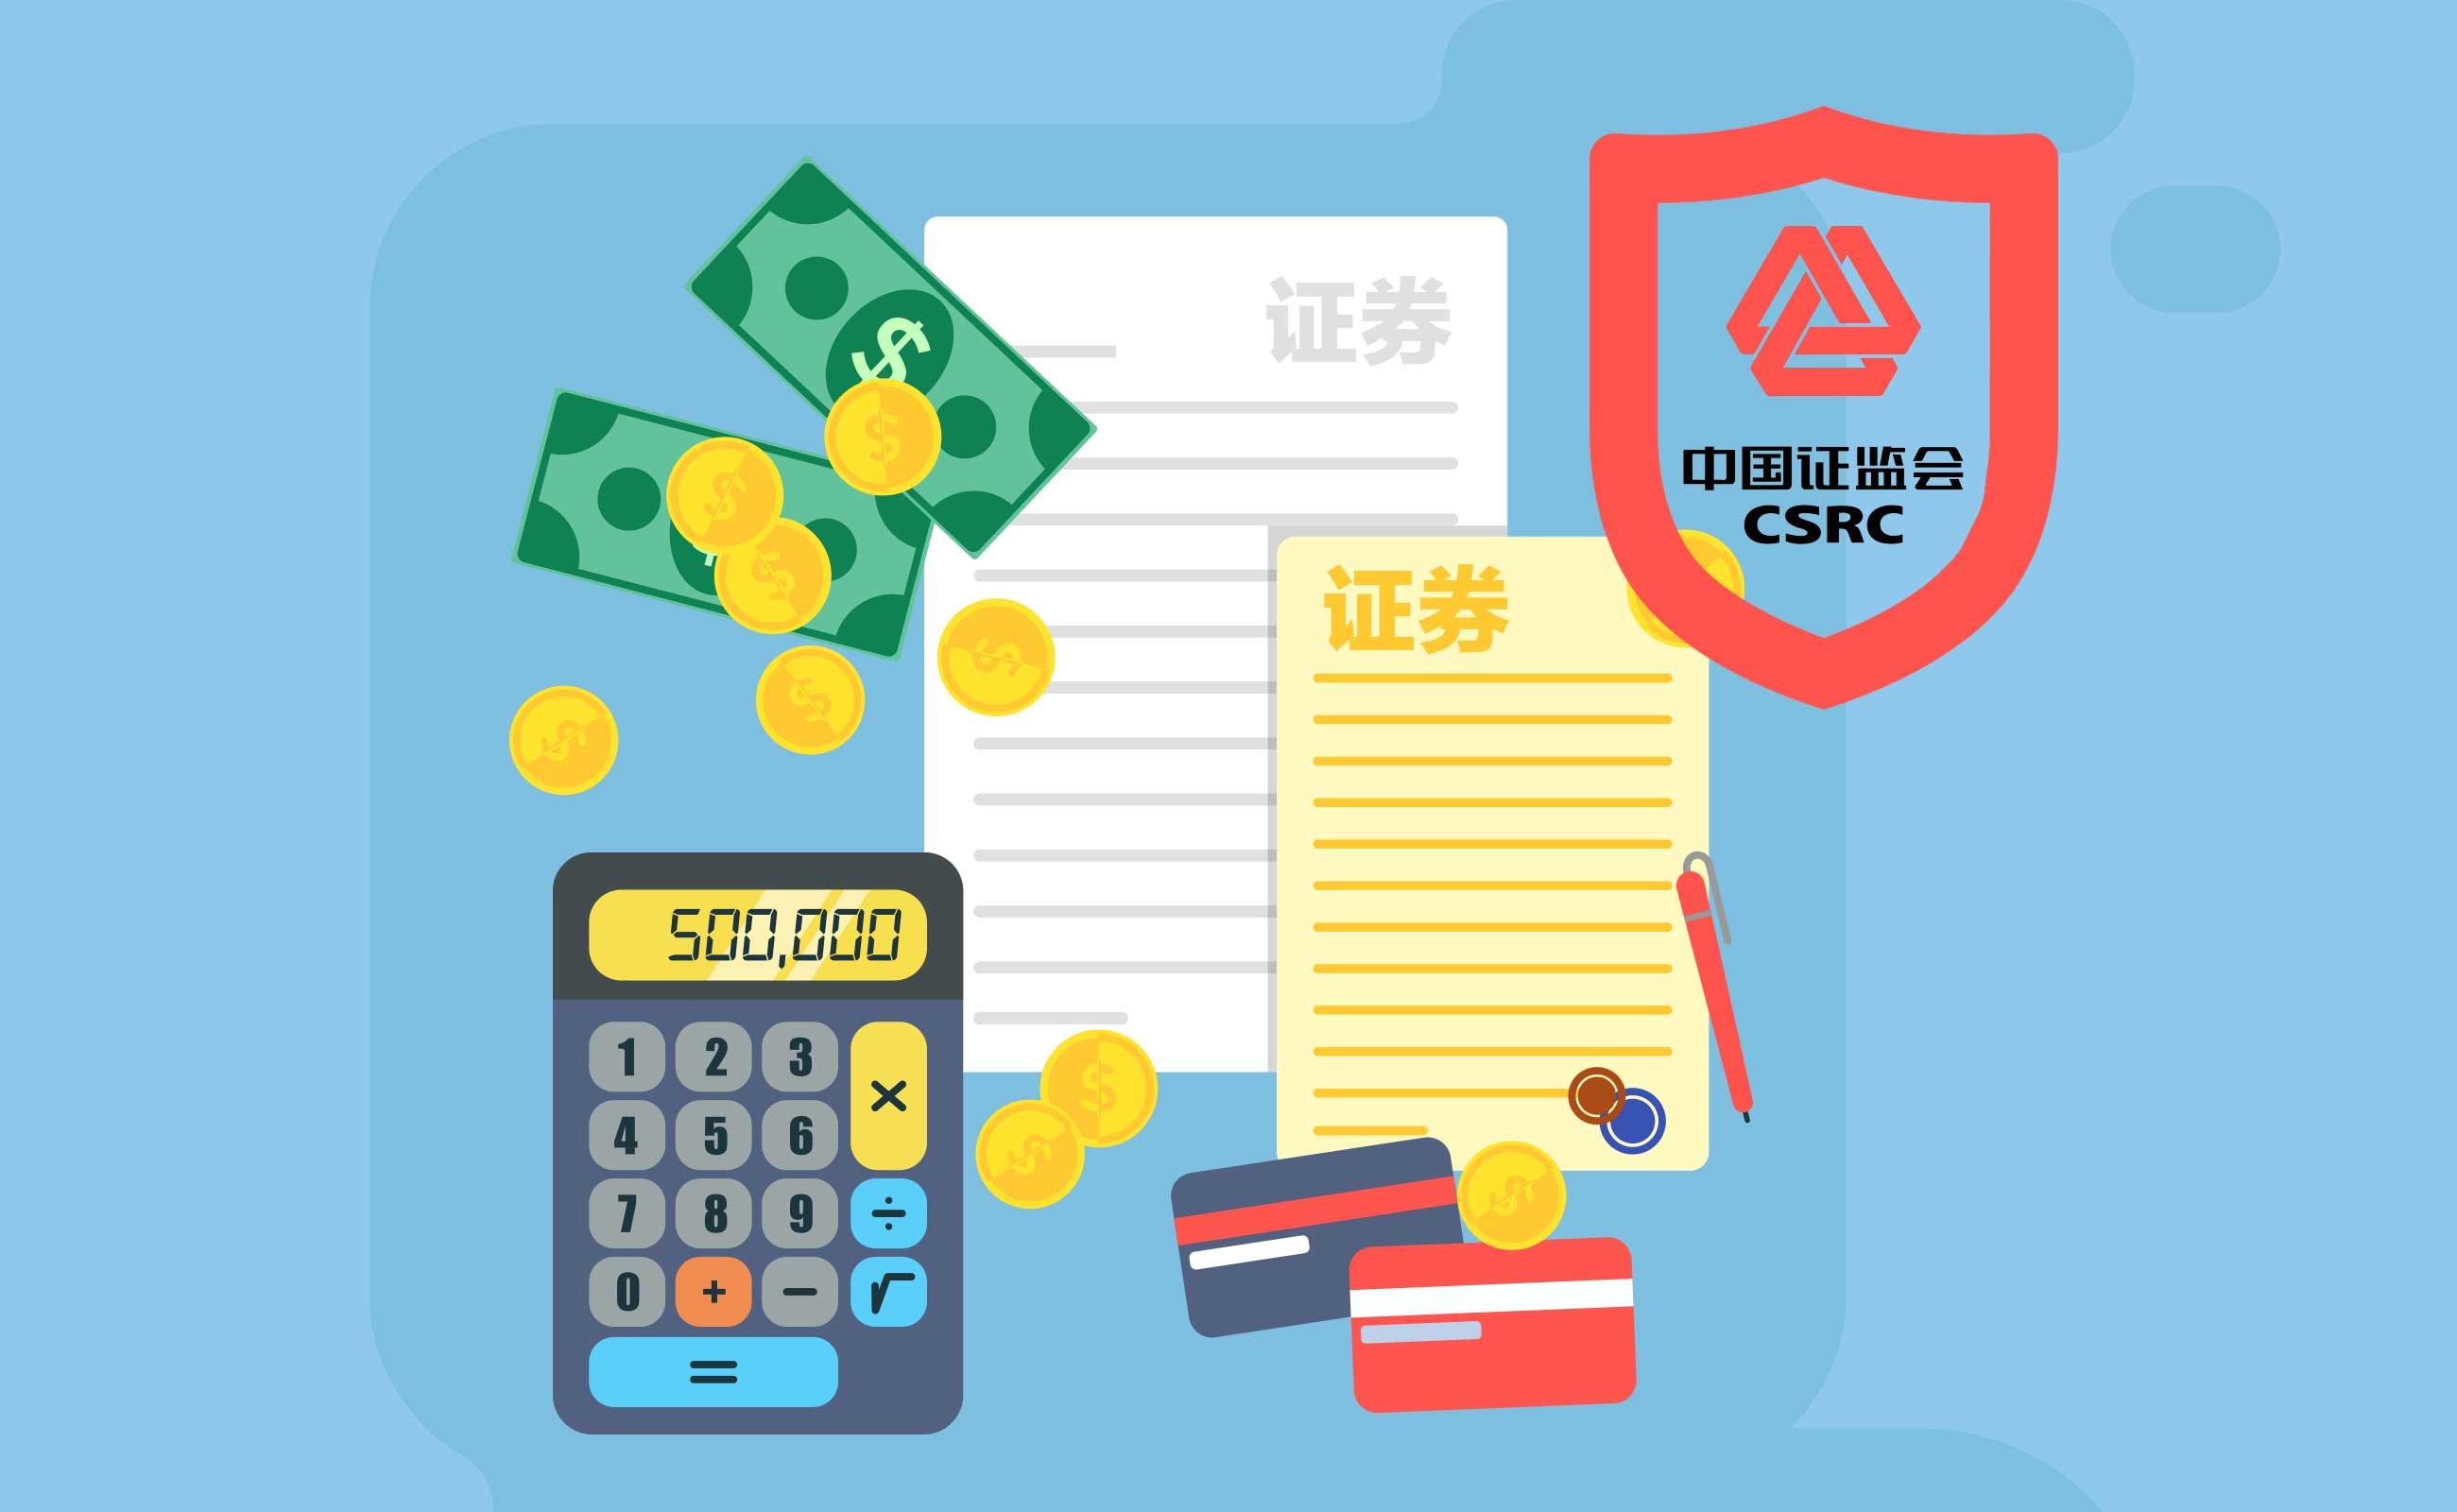 证监会明确享受税收政策创投基金标准及申请流程